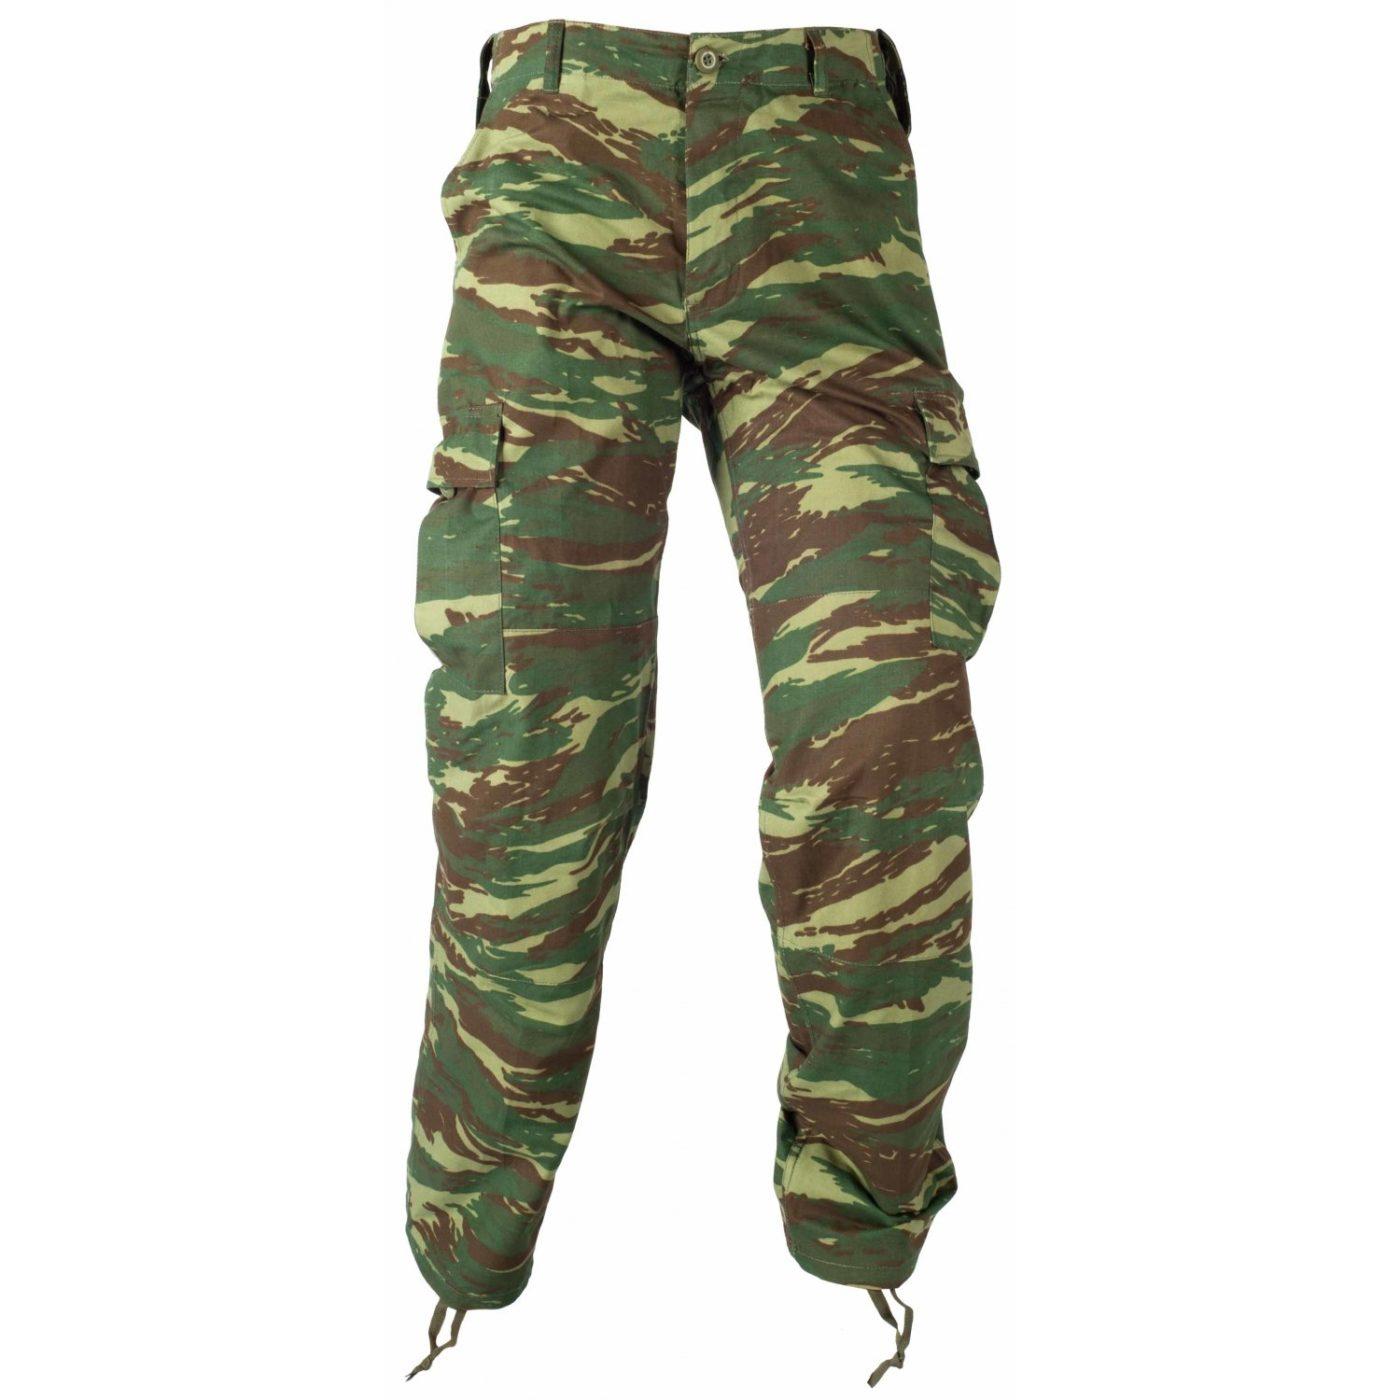 e7f0eccac6f Παντελόνι Στρατιωτικού τύπου Καπαρντινέ Armymania-Παραλλαγή στρατού ...